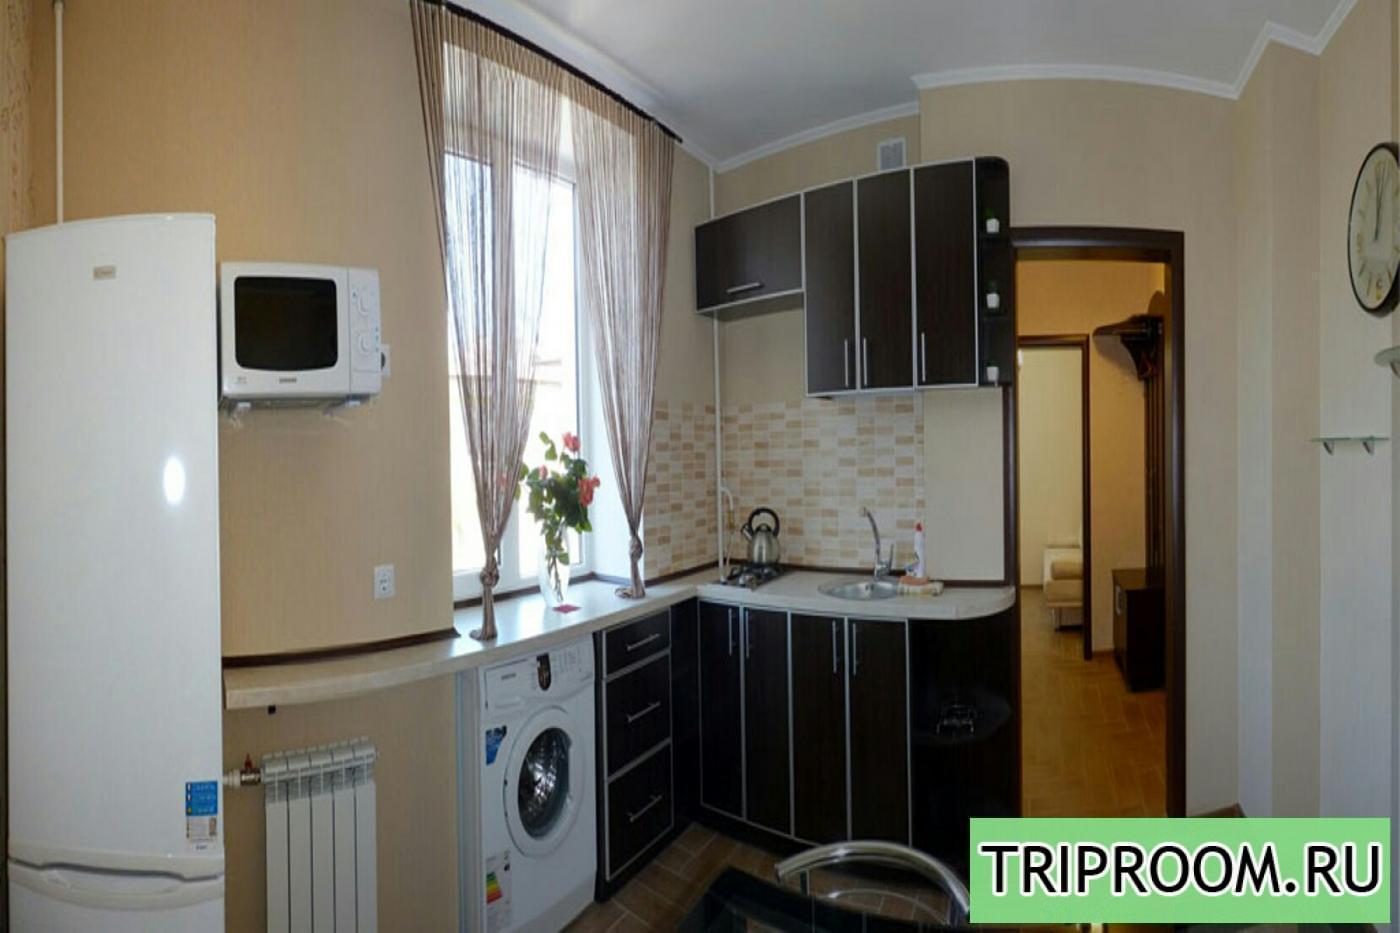 2-комнатная квартира посуточно (вариант № 1356), ул. Большая Морская улица, фото № 2